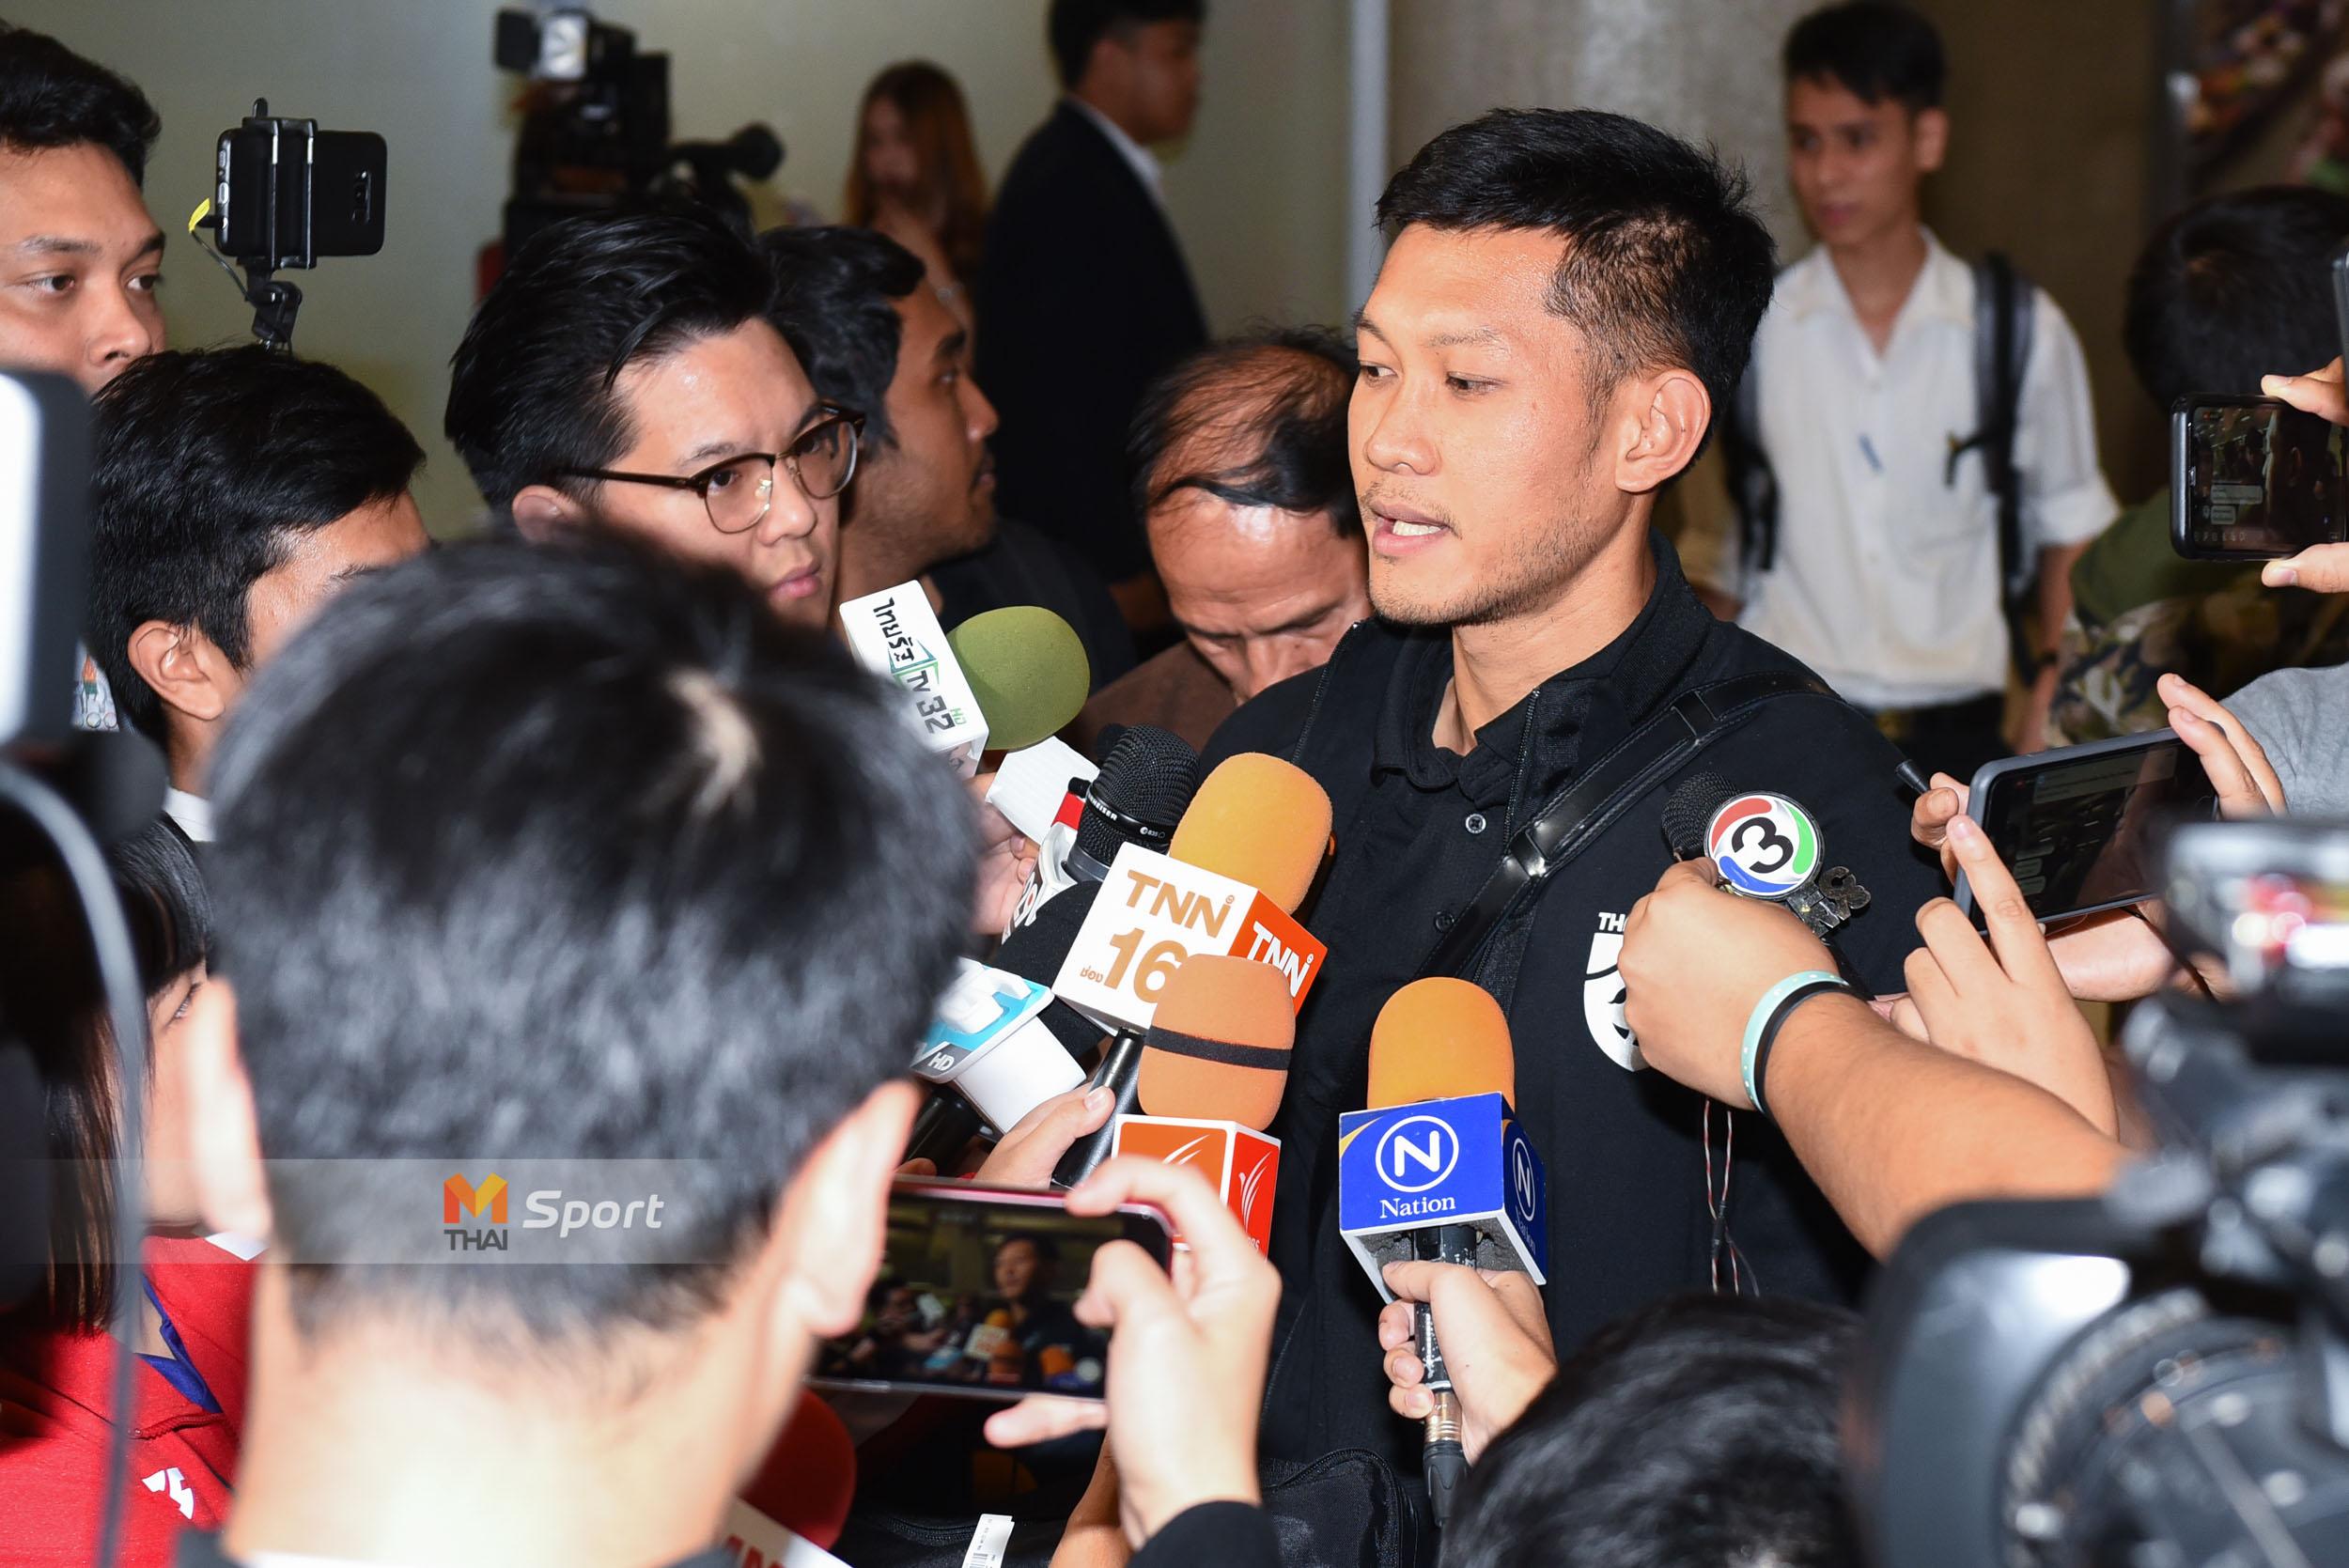 ชนานันท์ ป้อมบุบผา ทีมชาติไทย เอเชียนคัพ 2019